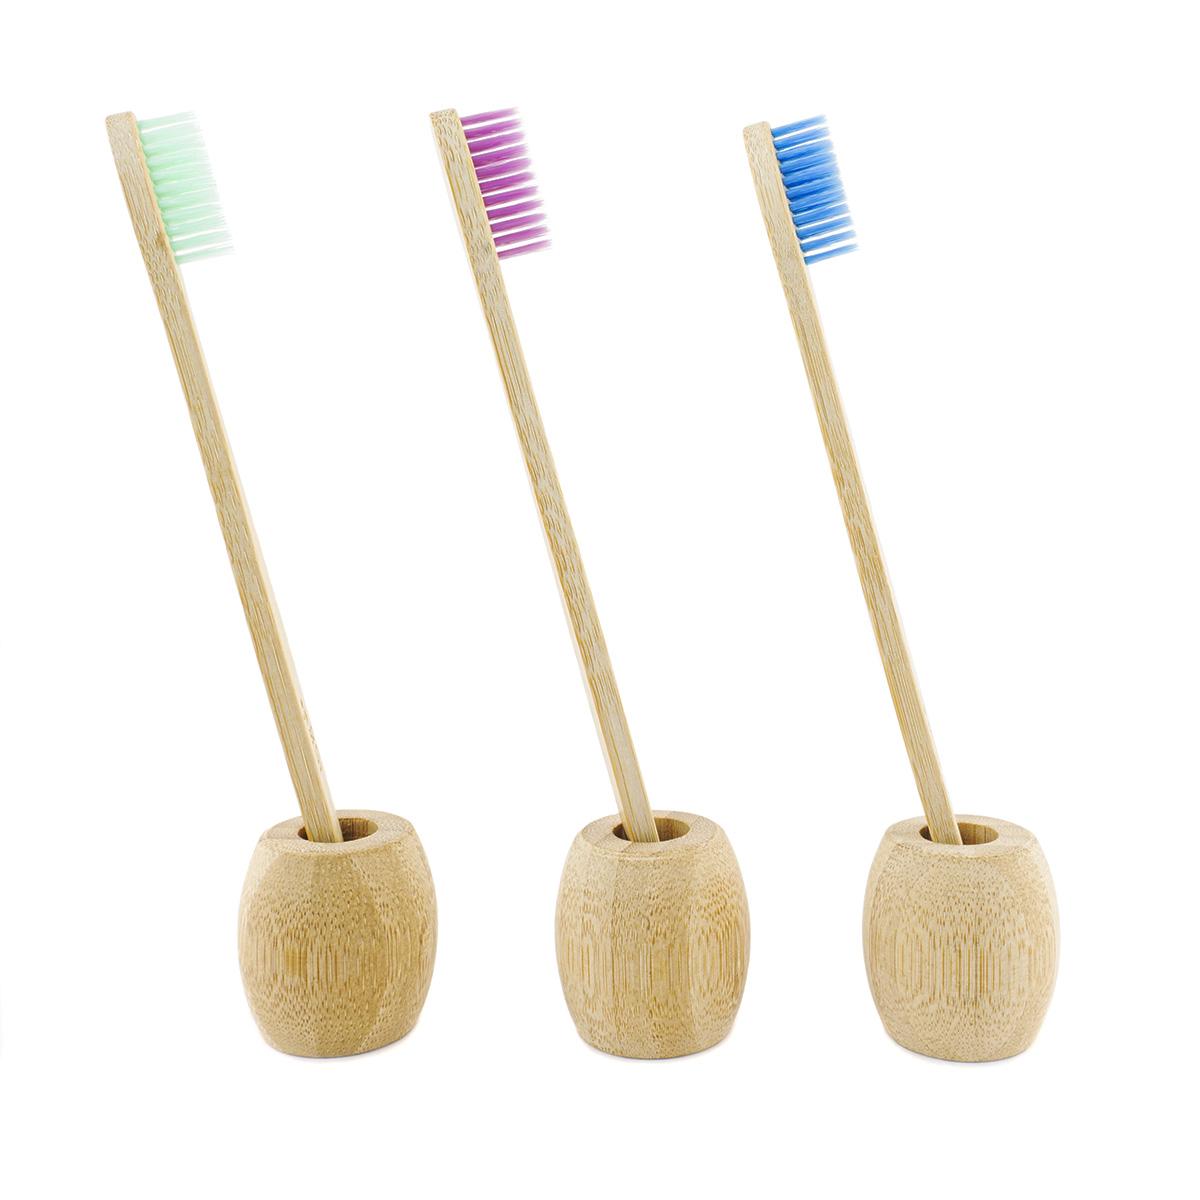 Soporte de bambu para cepillo de dientes biodegradable